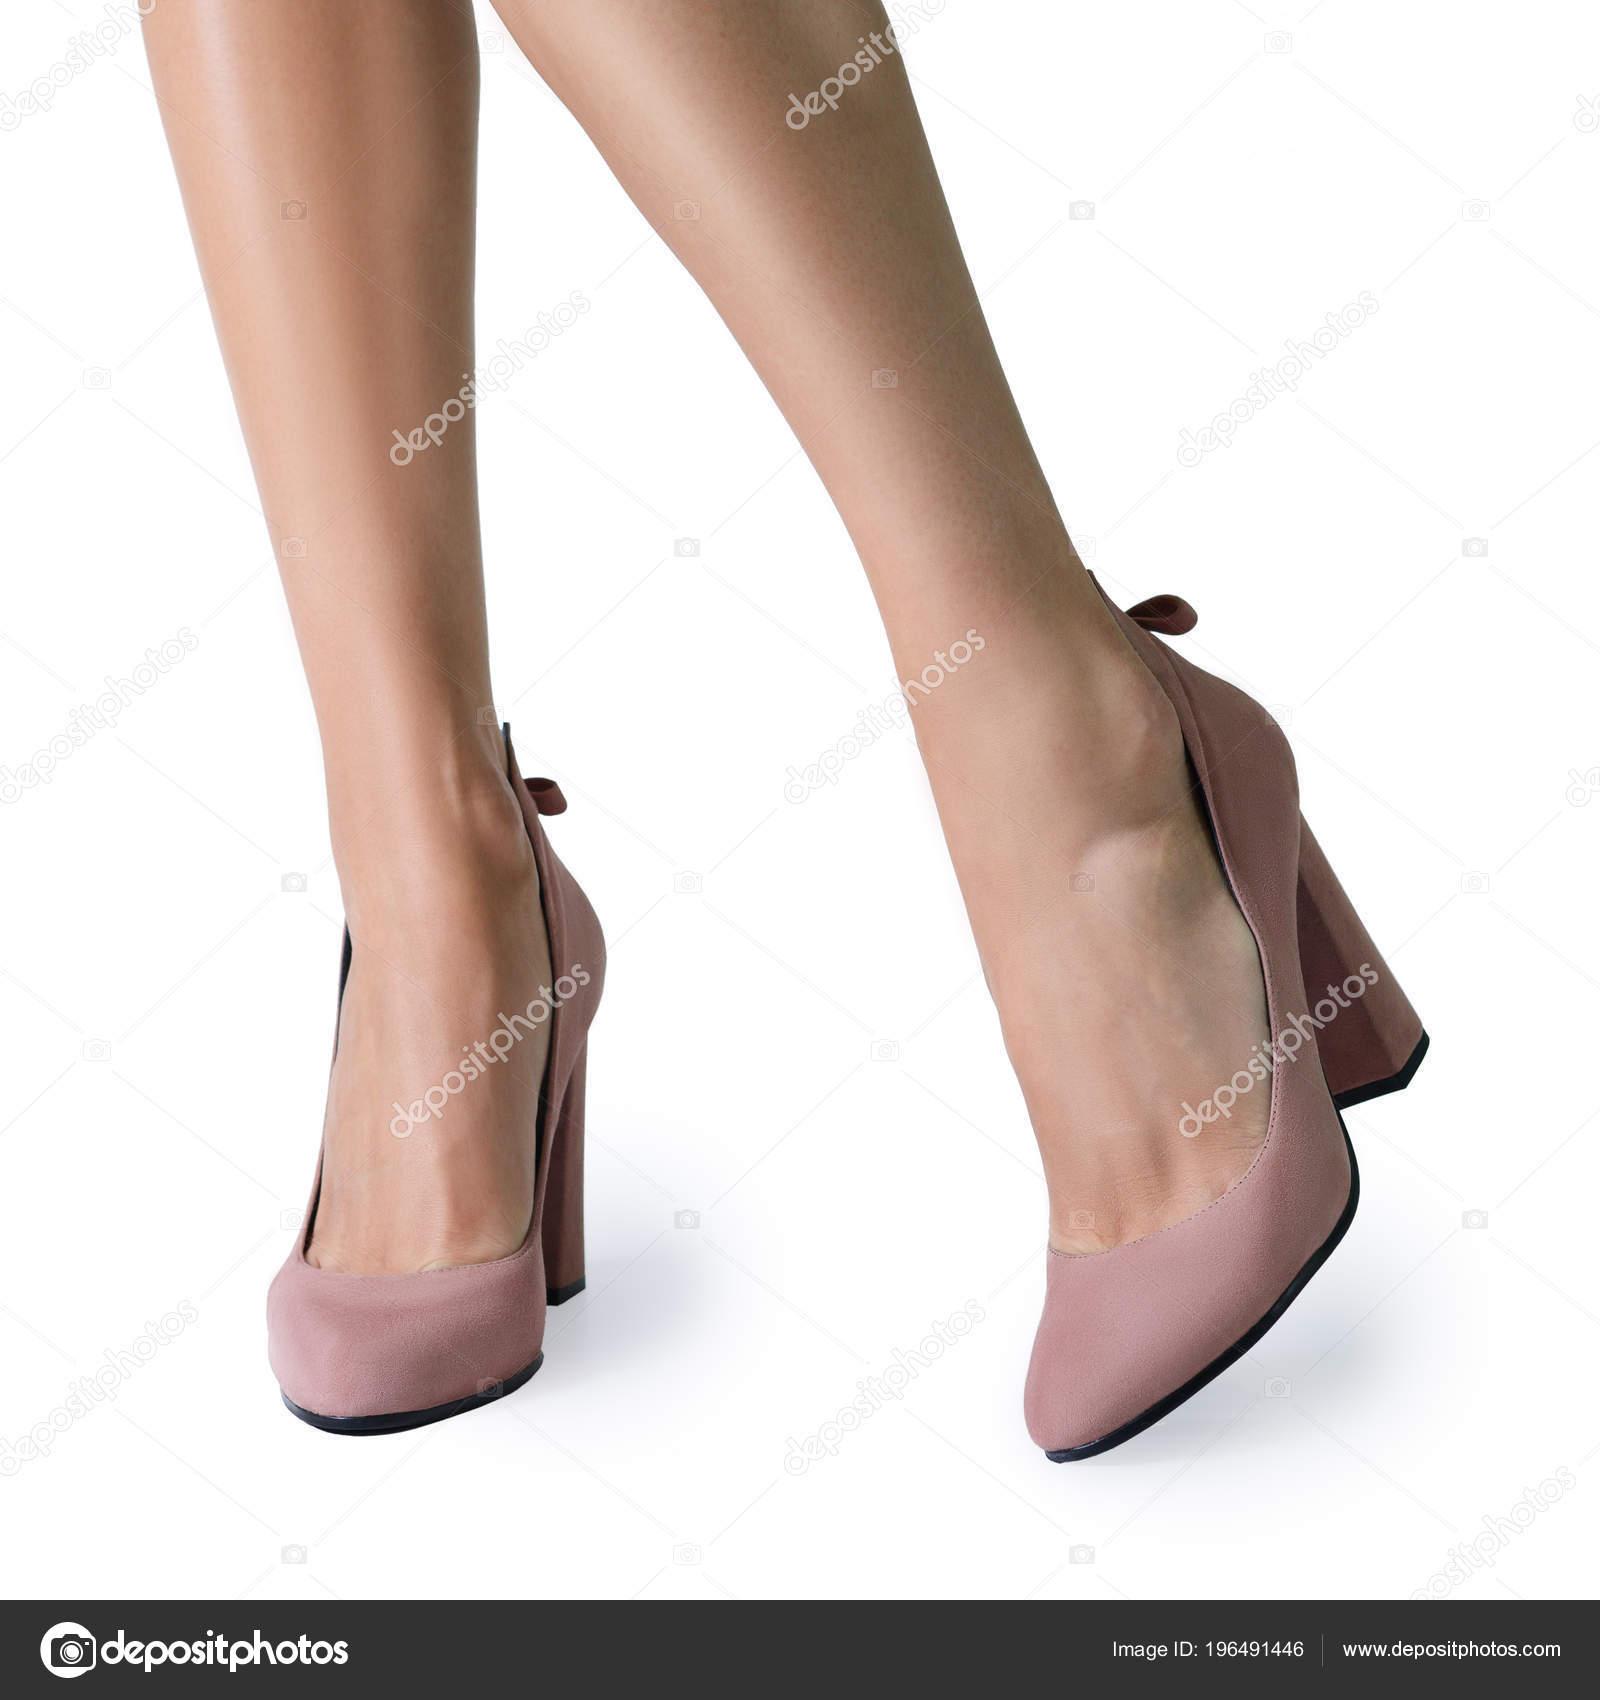 Piernas de mujer en zapatos de la bomba de tacón ancho aislados en blanco —  Foto de boomeart b101a0439aa4